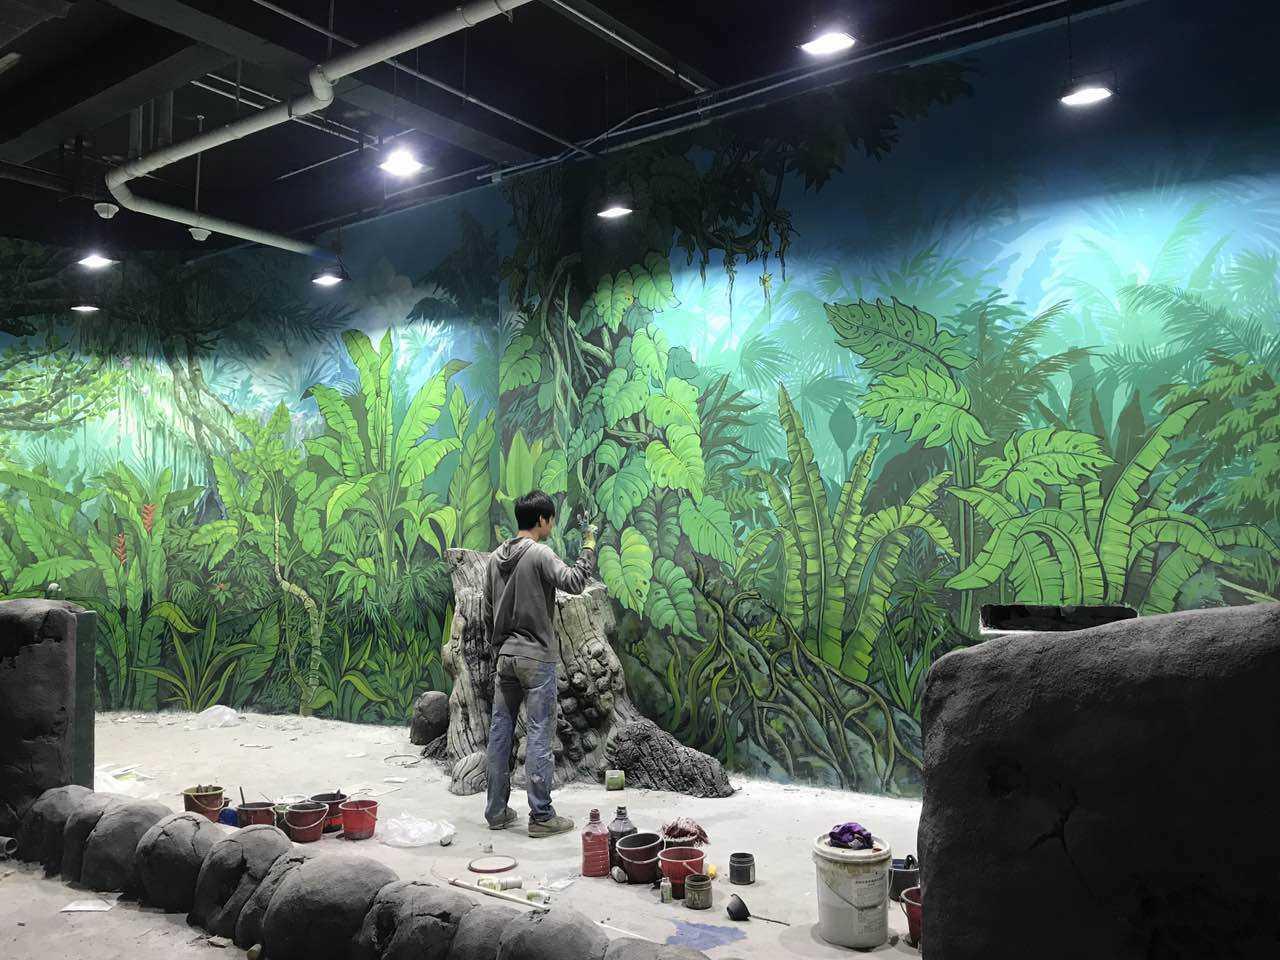 赣州背景墙手绘,赣州壁画涂鸦,赣州喷绘墙面,赣州墙面喷绘